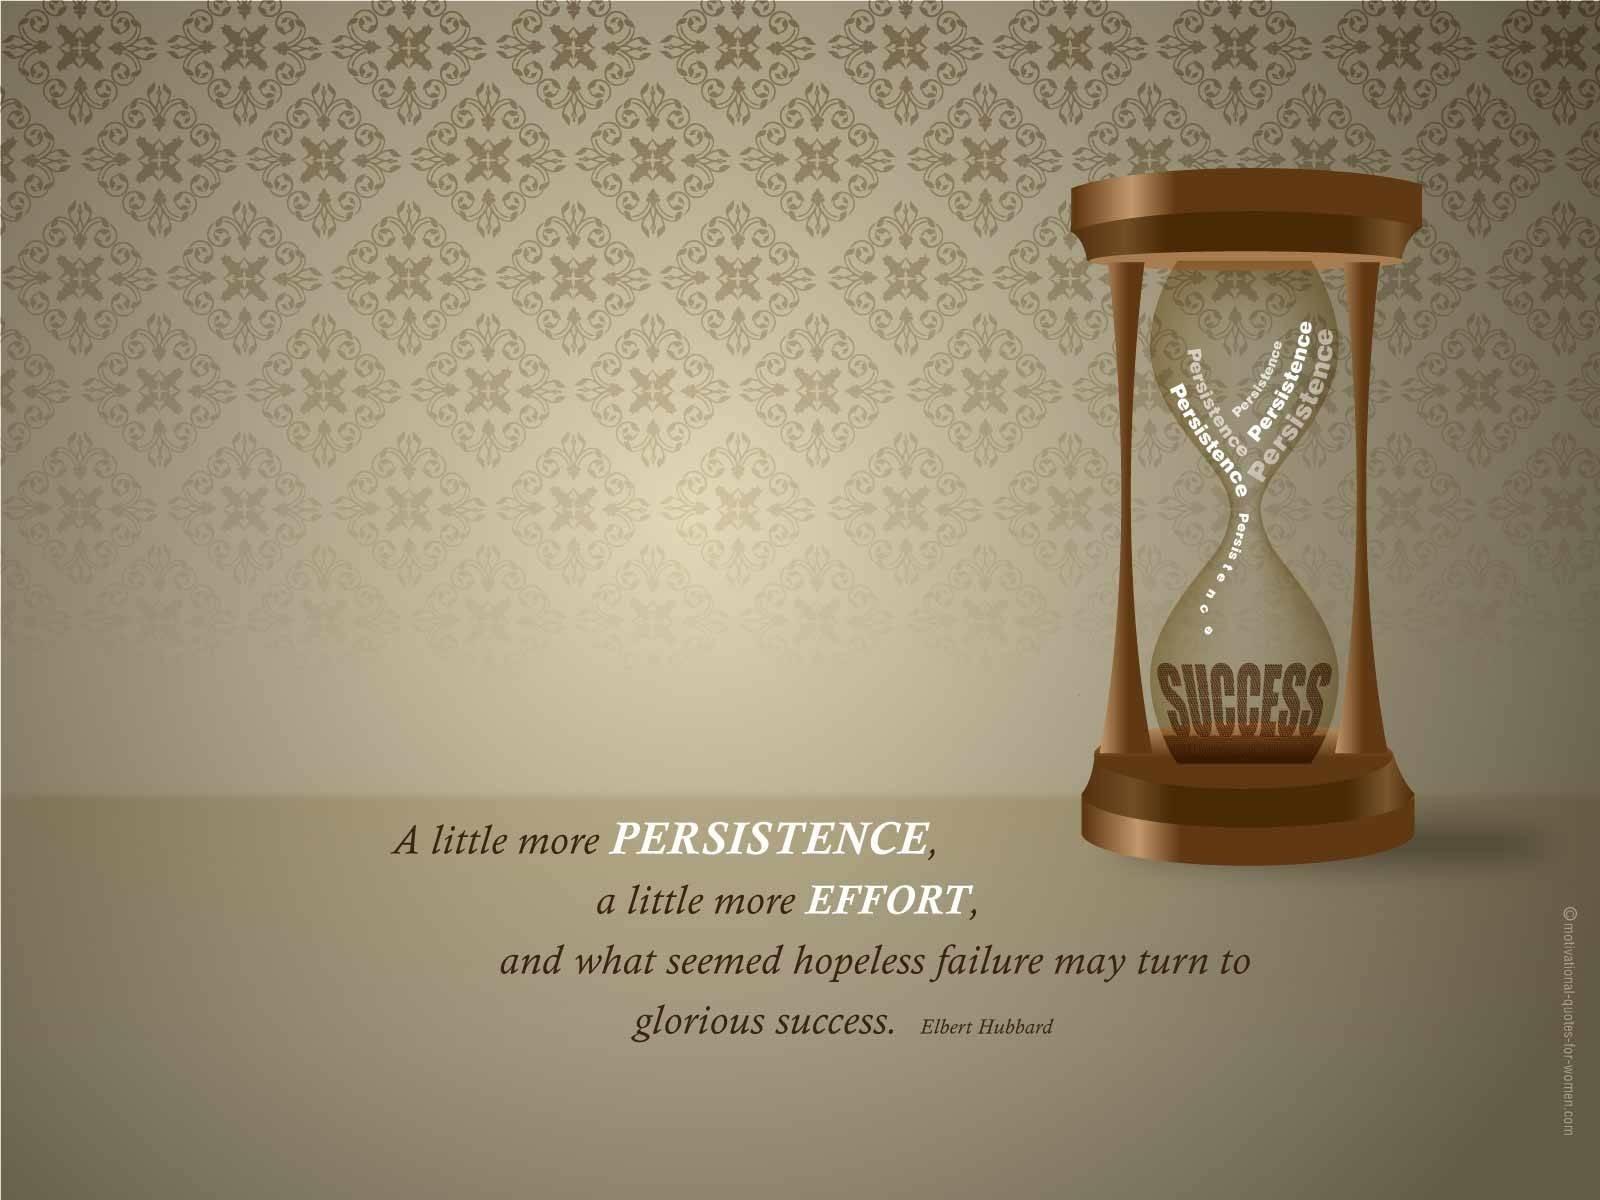 hourglass door quotes - pezcame.com & Hourglass Door Quotes \u0026 Quotes On Patience In Love - 15 Best Ones ...